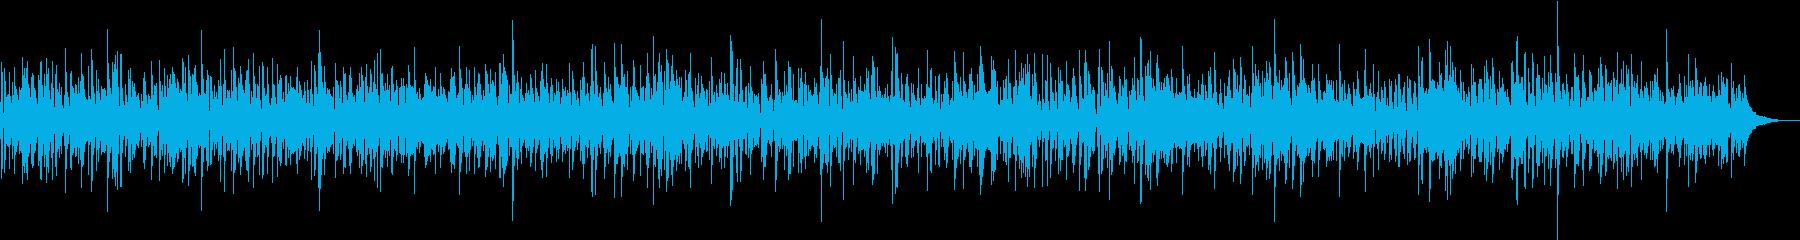 軽快なアコギとピアノ中心のボサノババンドの再生済みの波形